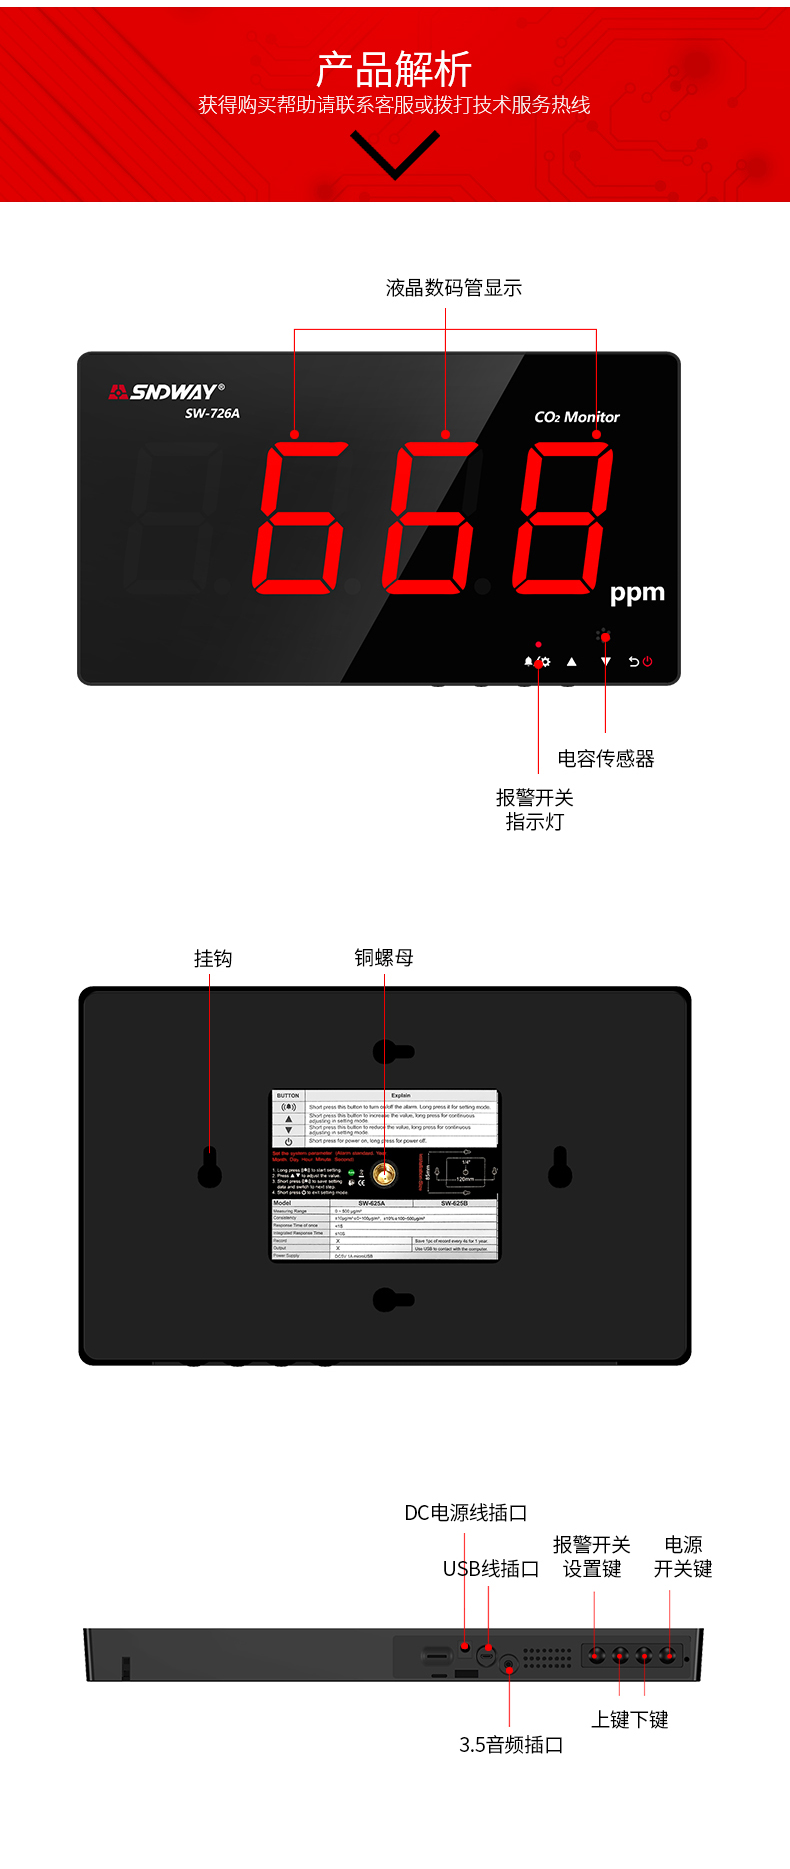 深达威二氧化碳检测仪浓度环境监测仪壁挂家用数显co2气体报警器-tmall_07